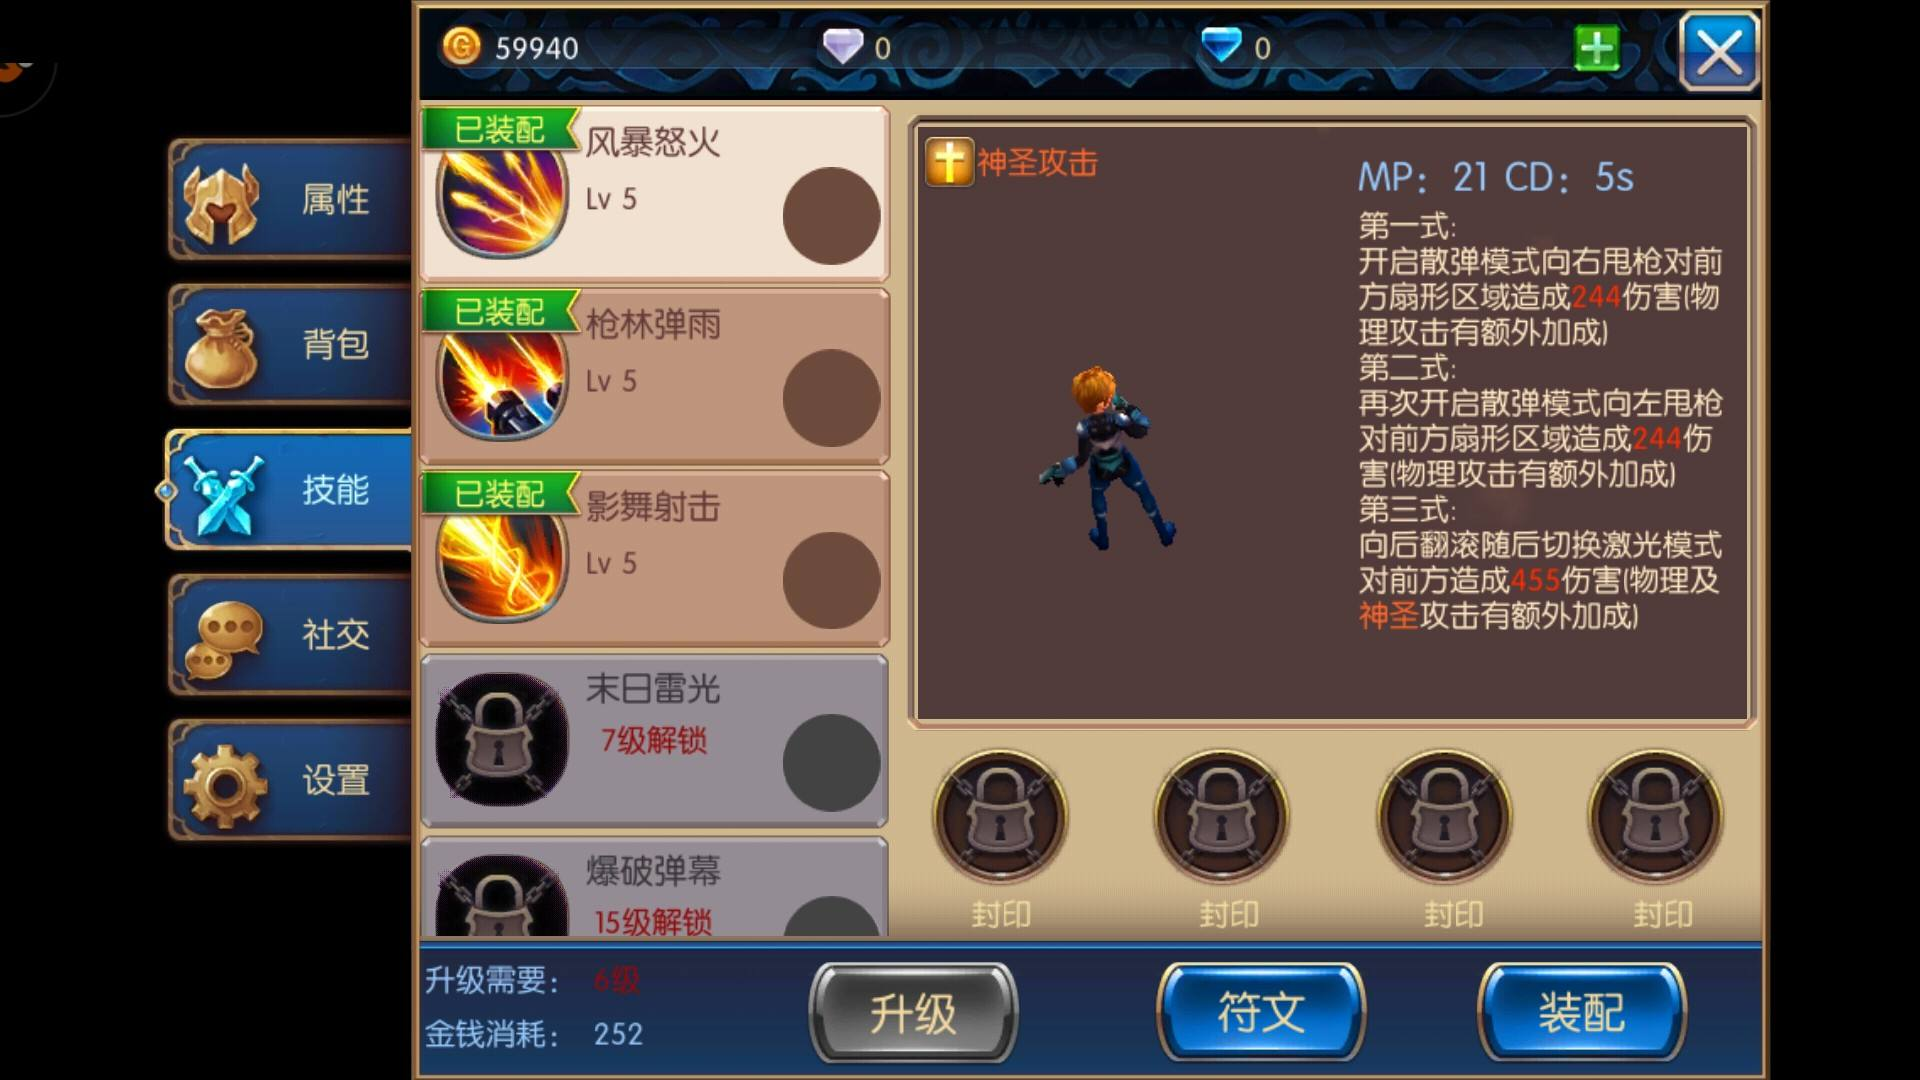 QQ飞车小长假放飞心情 100%必得极品孔雀翎王-手机闽南网